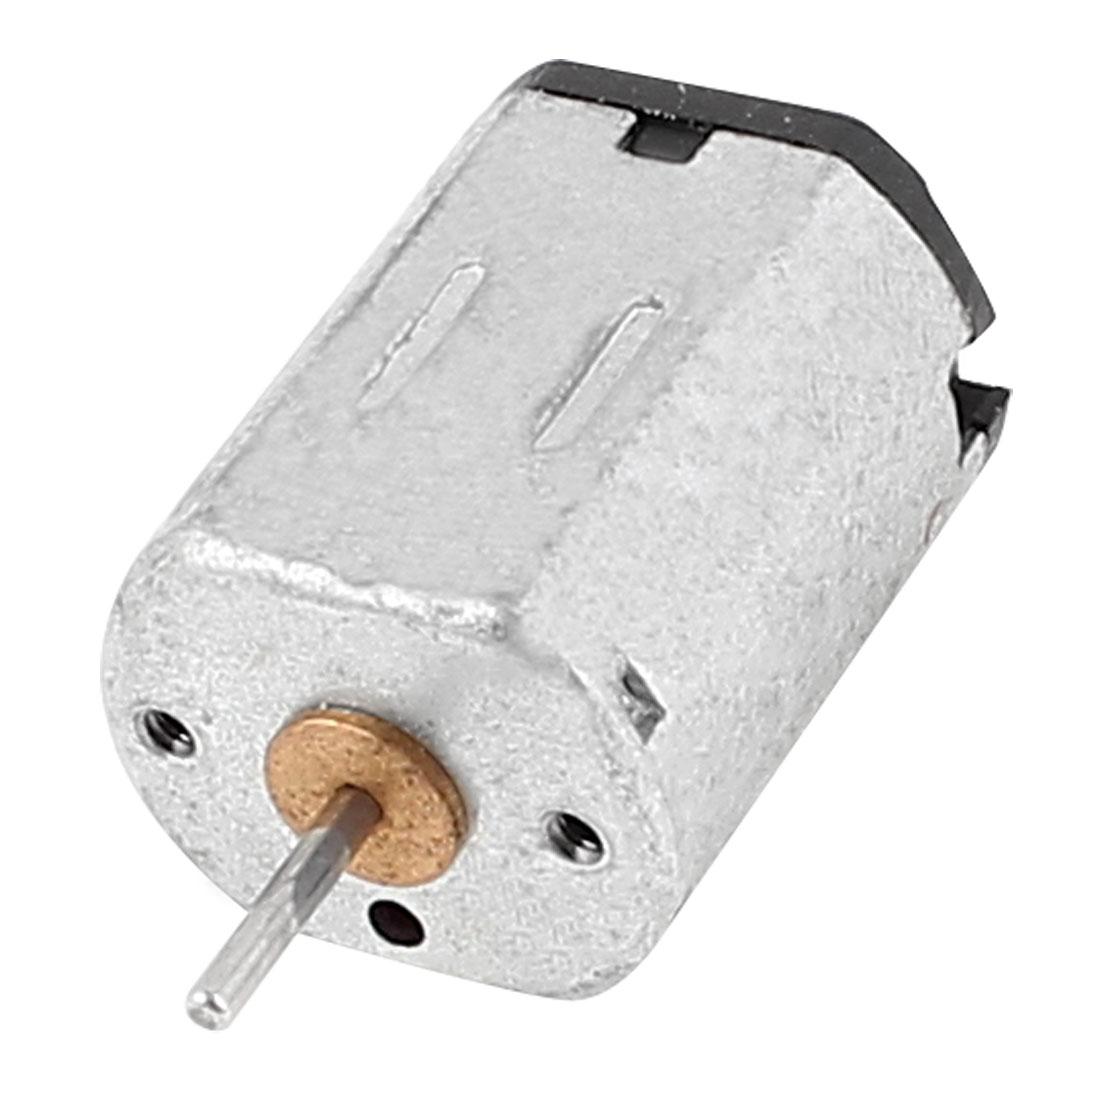 12000R/Min DC 3V 1mm Diameter Shaft High Torque Mini Micro Vibrate Vibration Motor